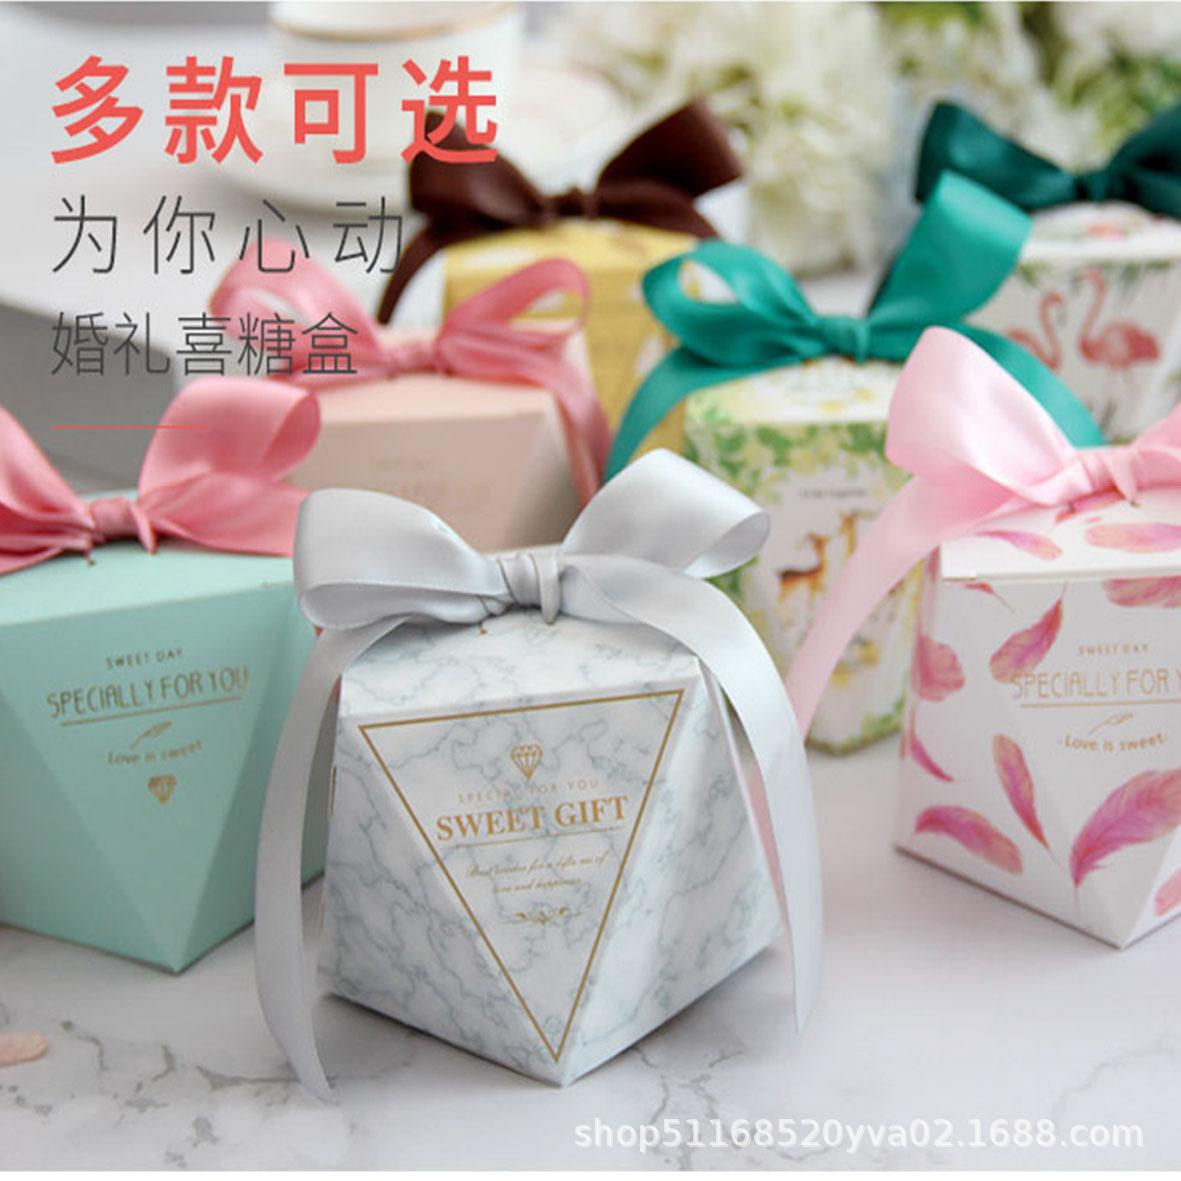 XIJIALE hộp quà tiệc cưới Hộp kẹo kim cương mới của Châu Âu Hộp kẹo cưới Sen sáng tạo Túi kẹo cưới s